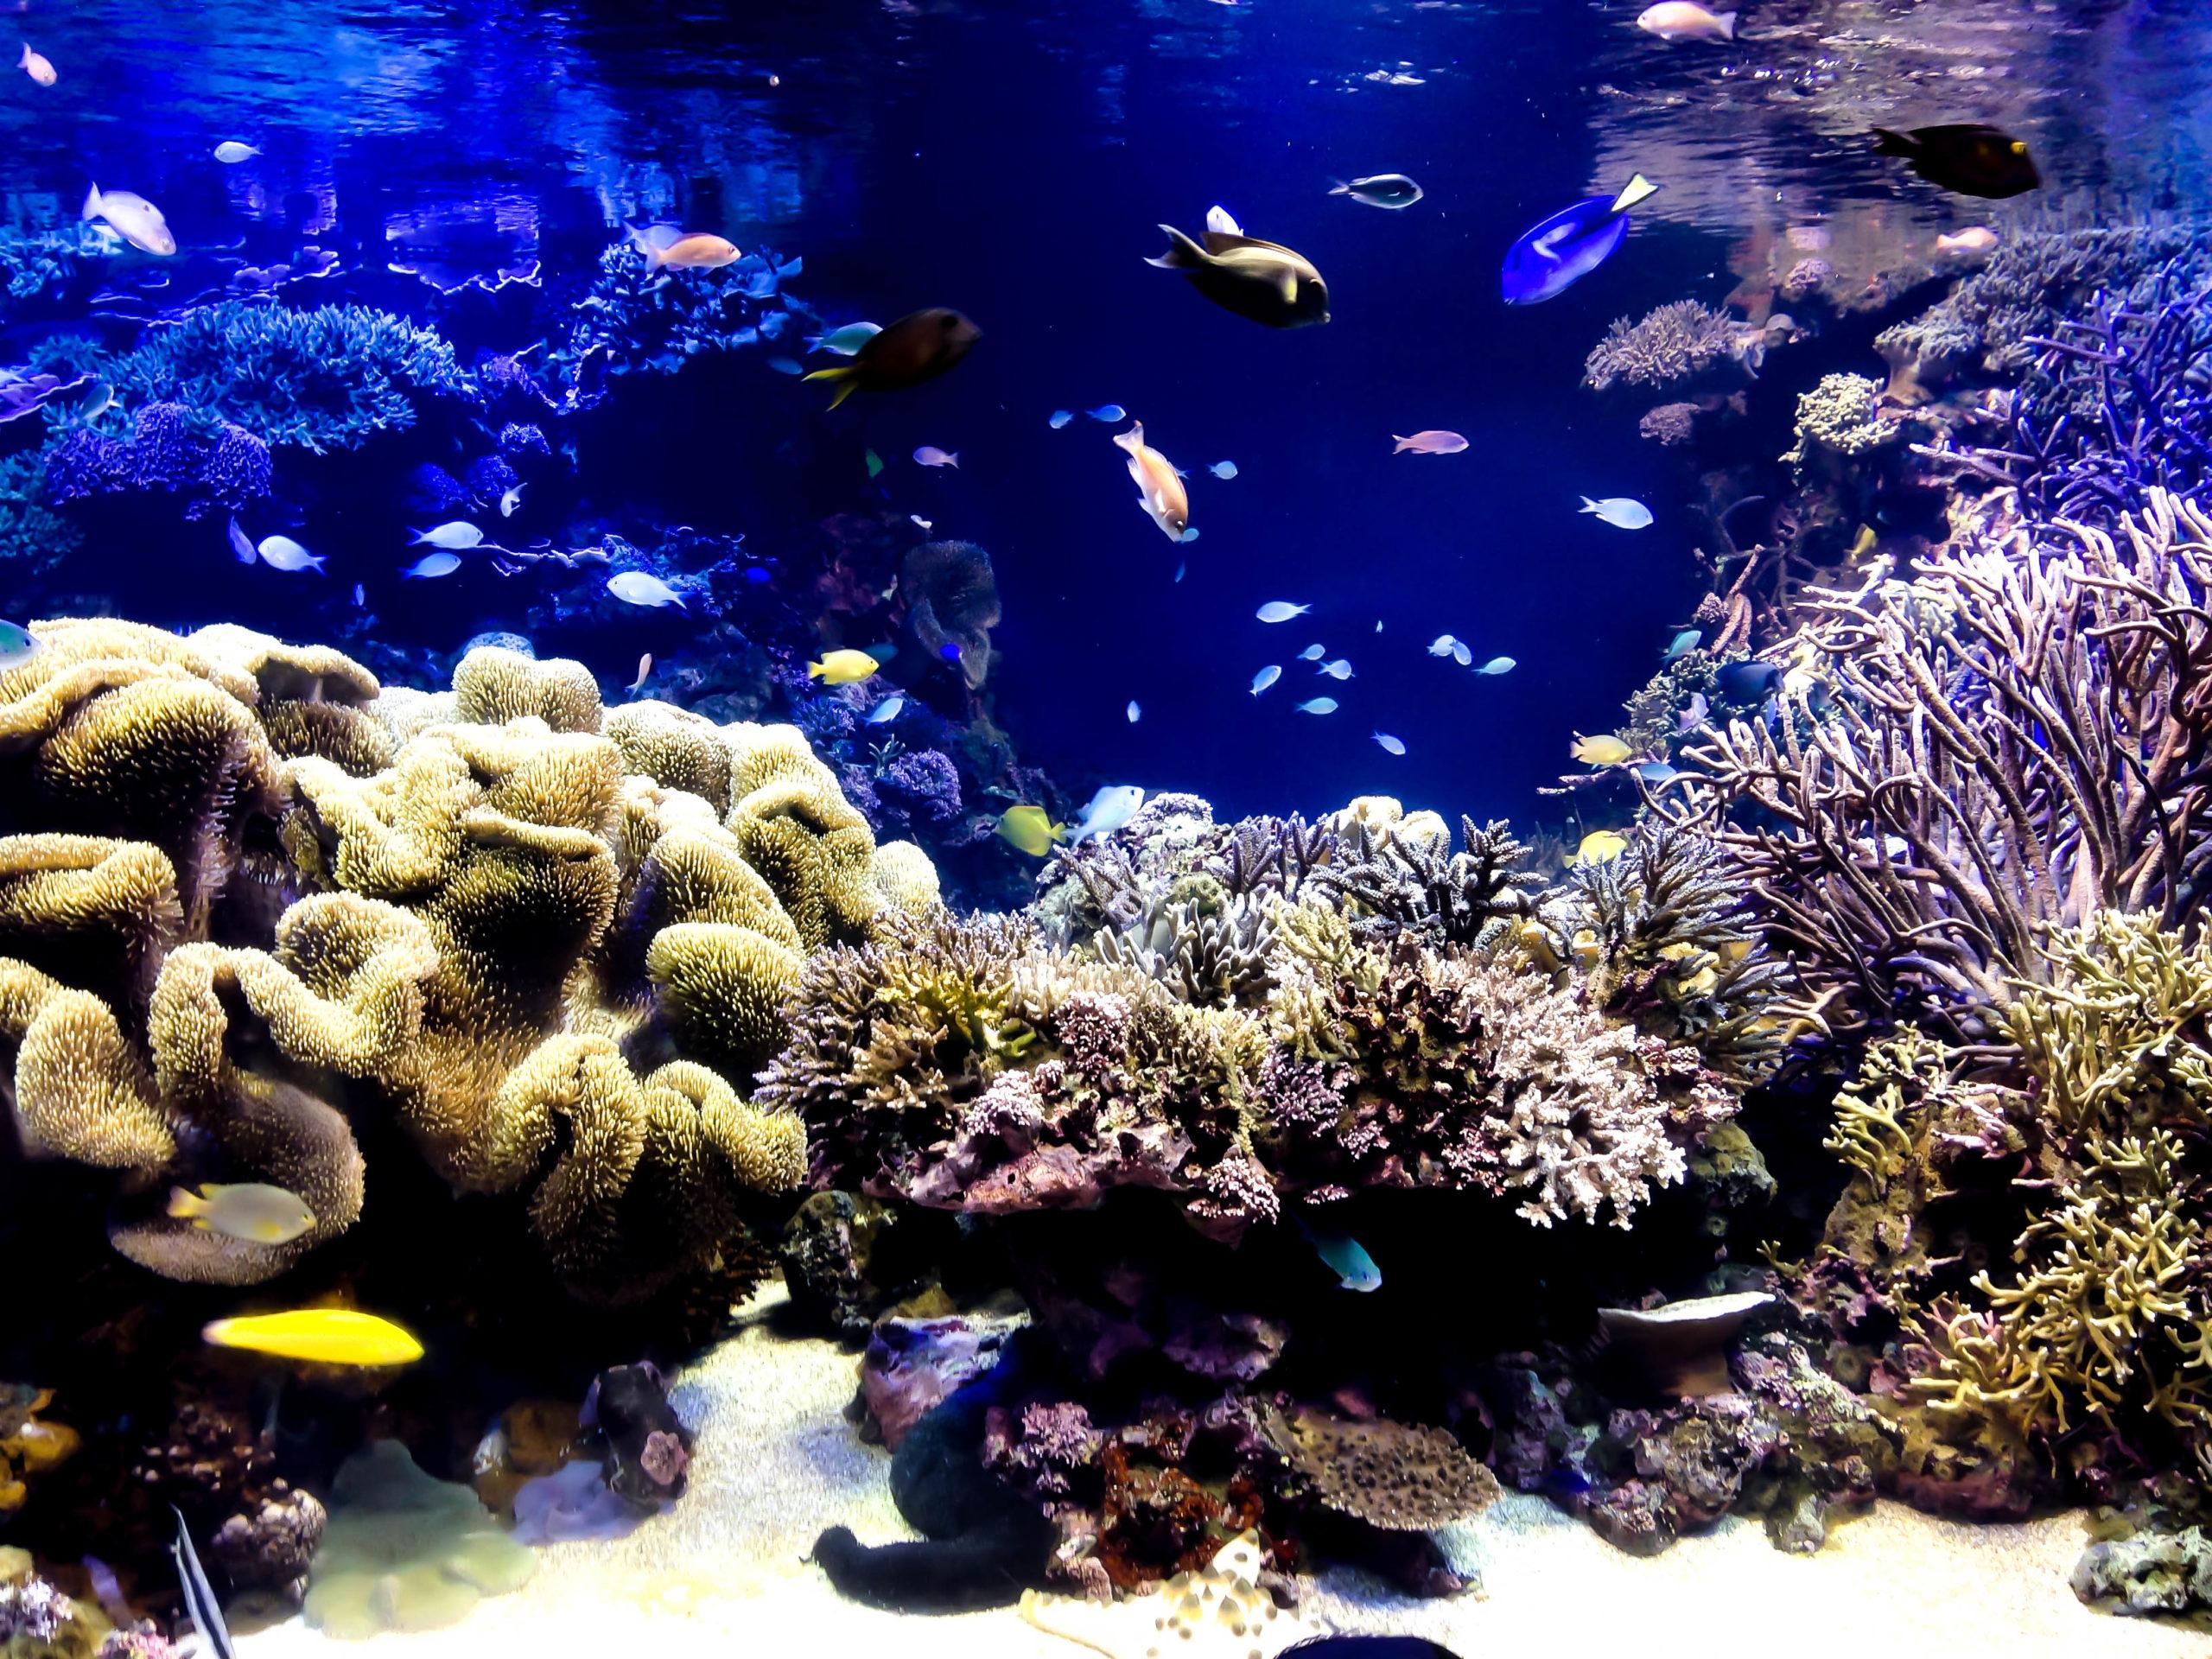 綺麗なサンゴと熱帯魚の写真